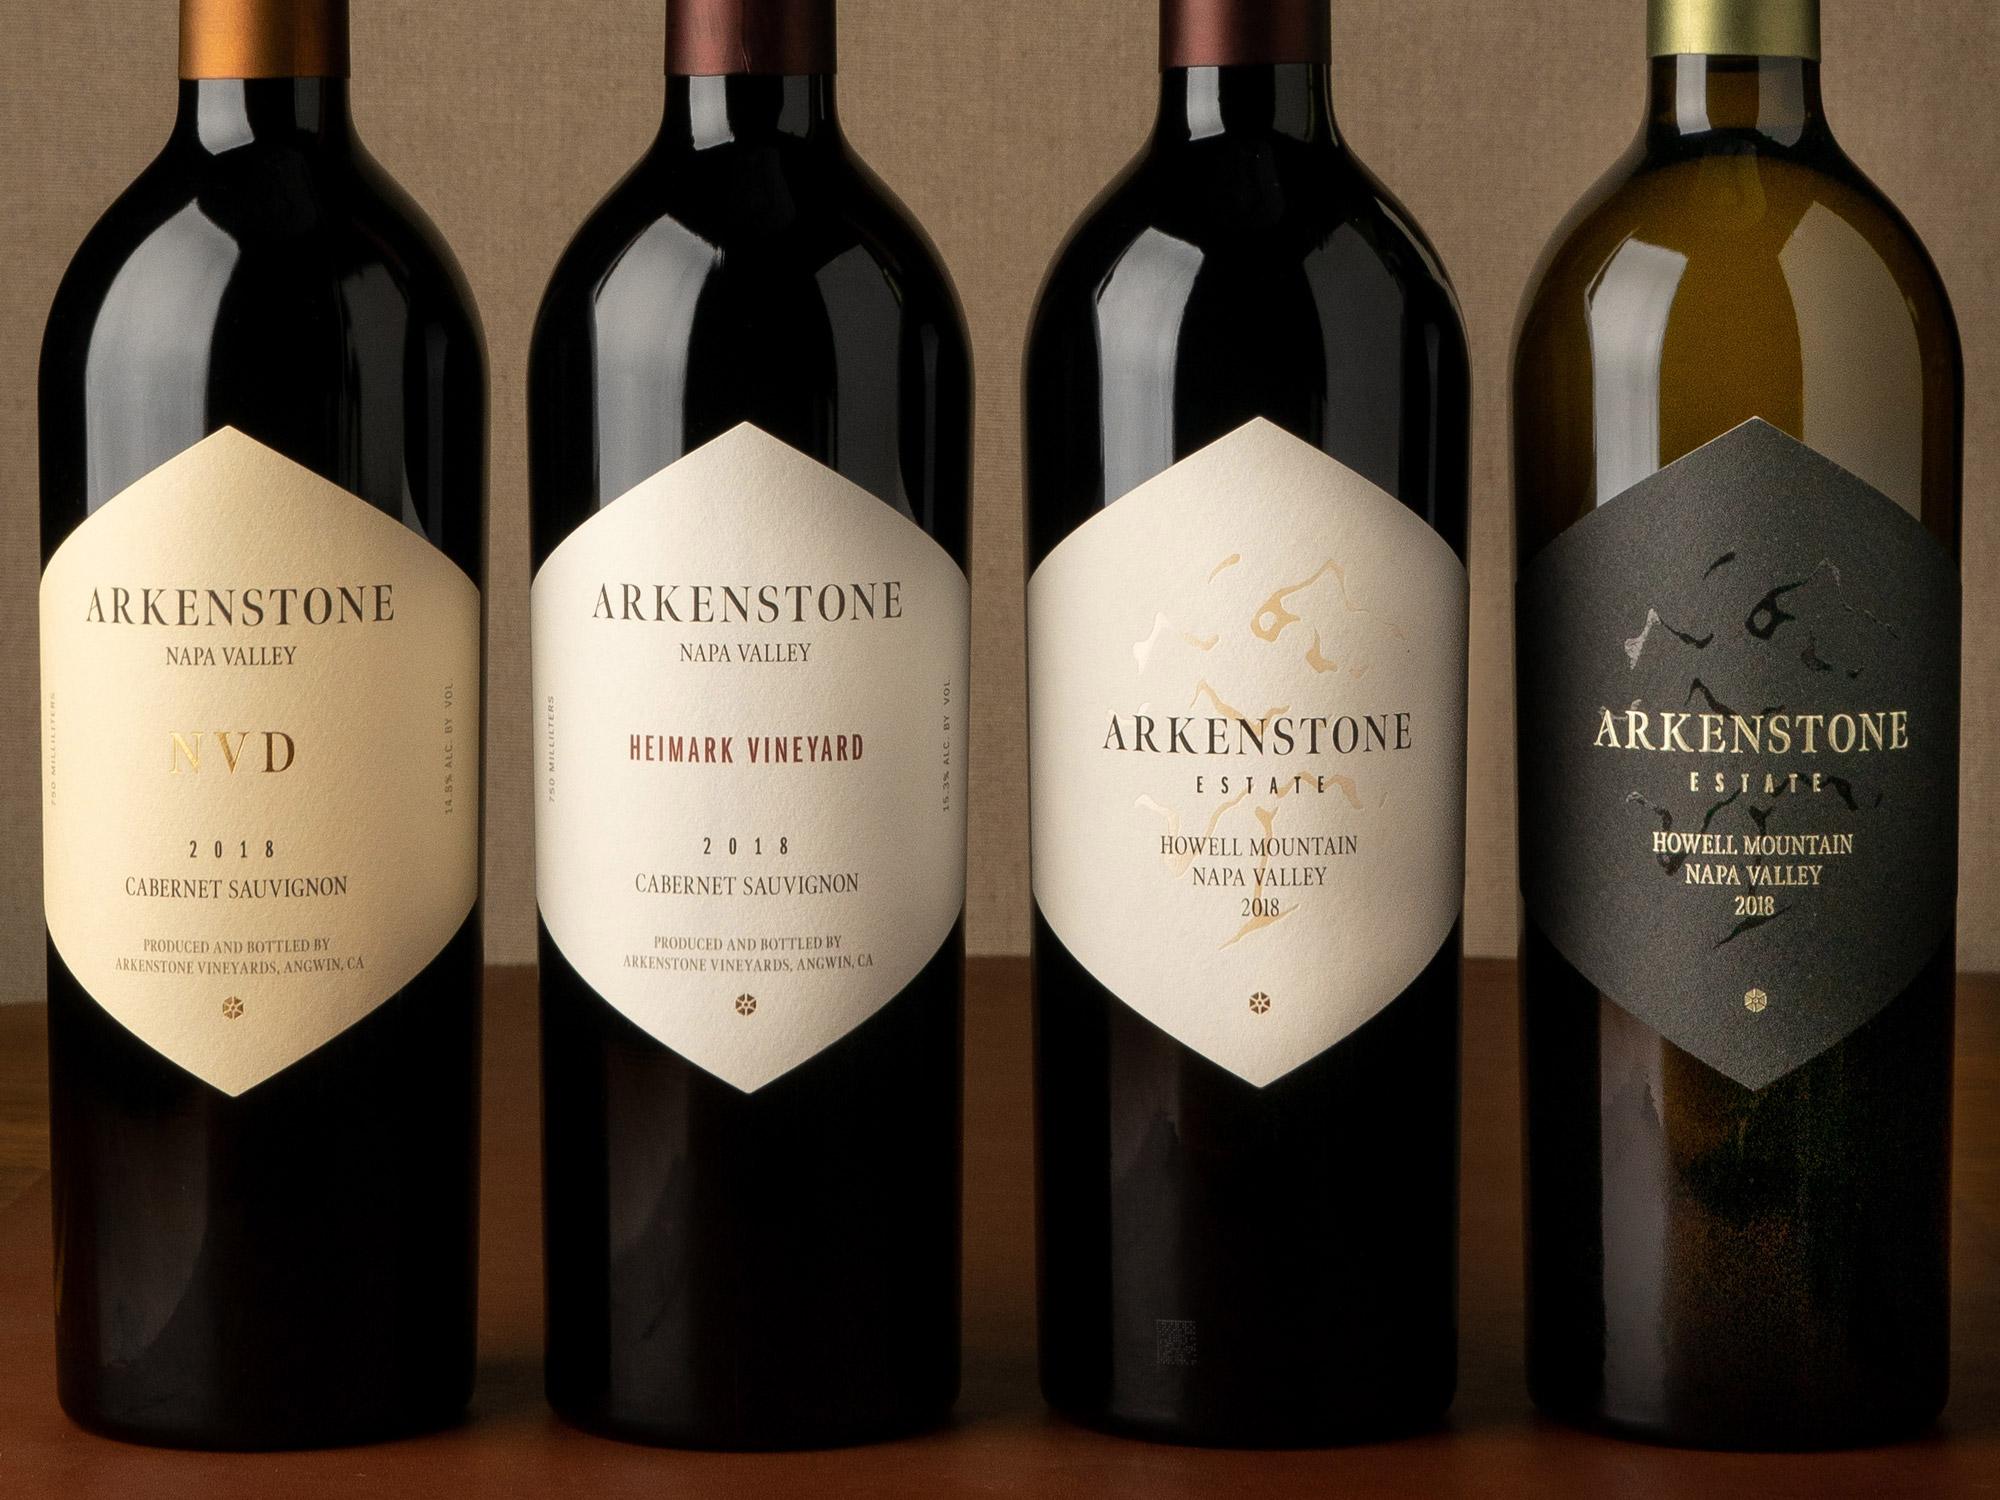 Arkenstone Vineyards packaging